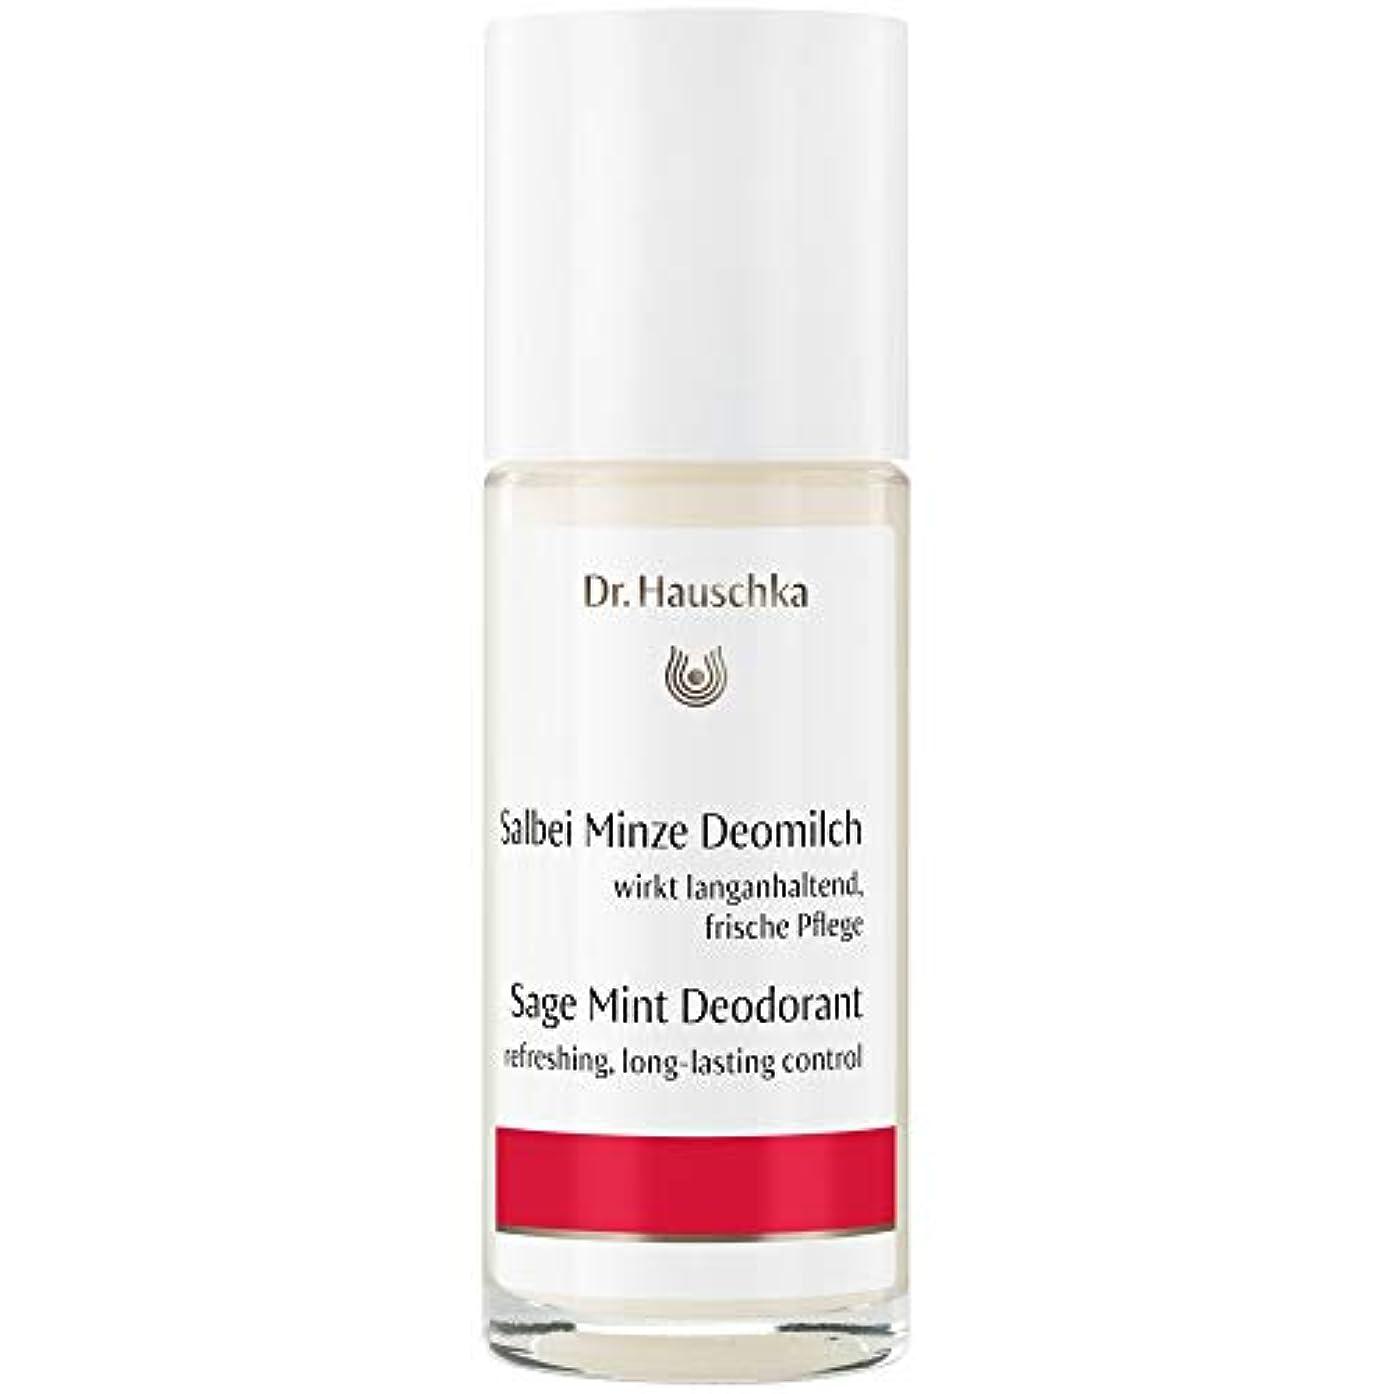 発明上ずっと[Dr Hauschka] Drハウシュカの消臭新鮮なロールオン50ミリリットル - Dr Hauschka Deodorant Fresh Roll-On 50ml [並行輸入品]